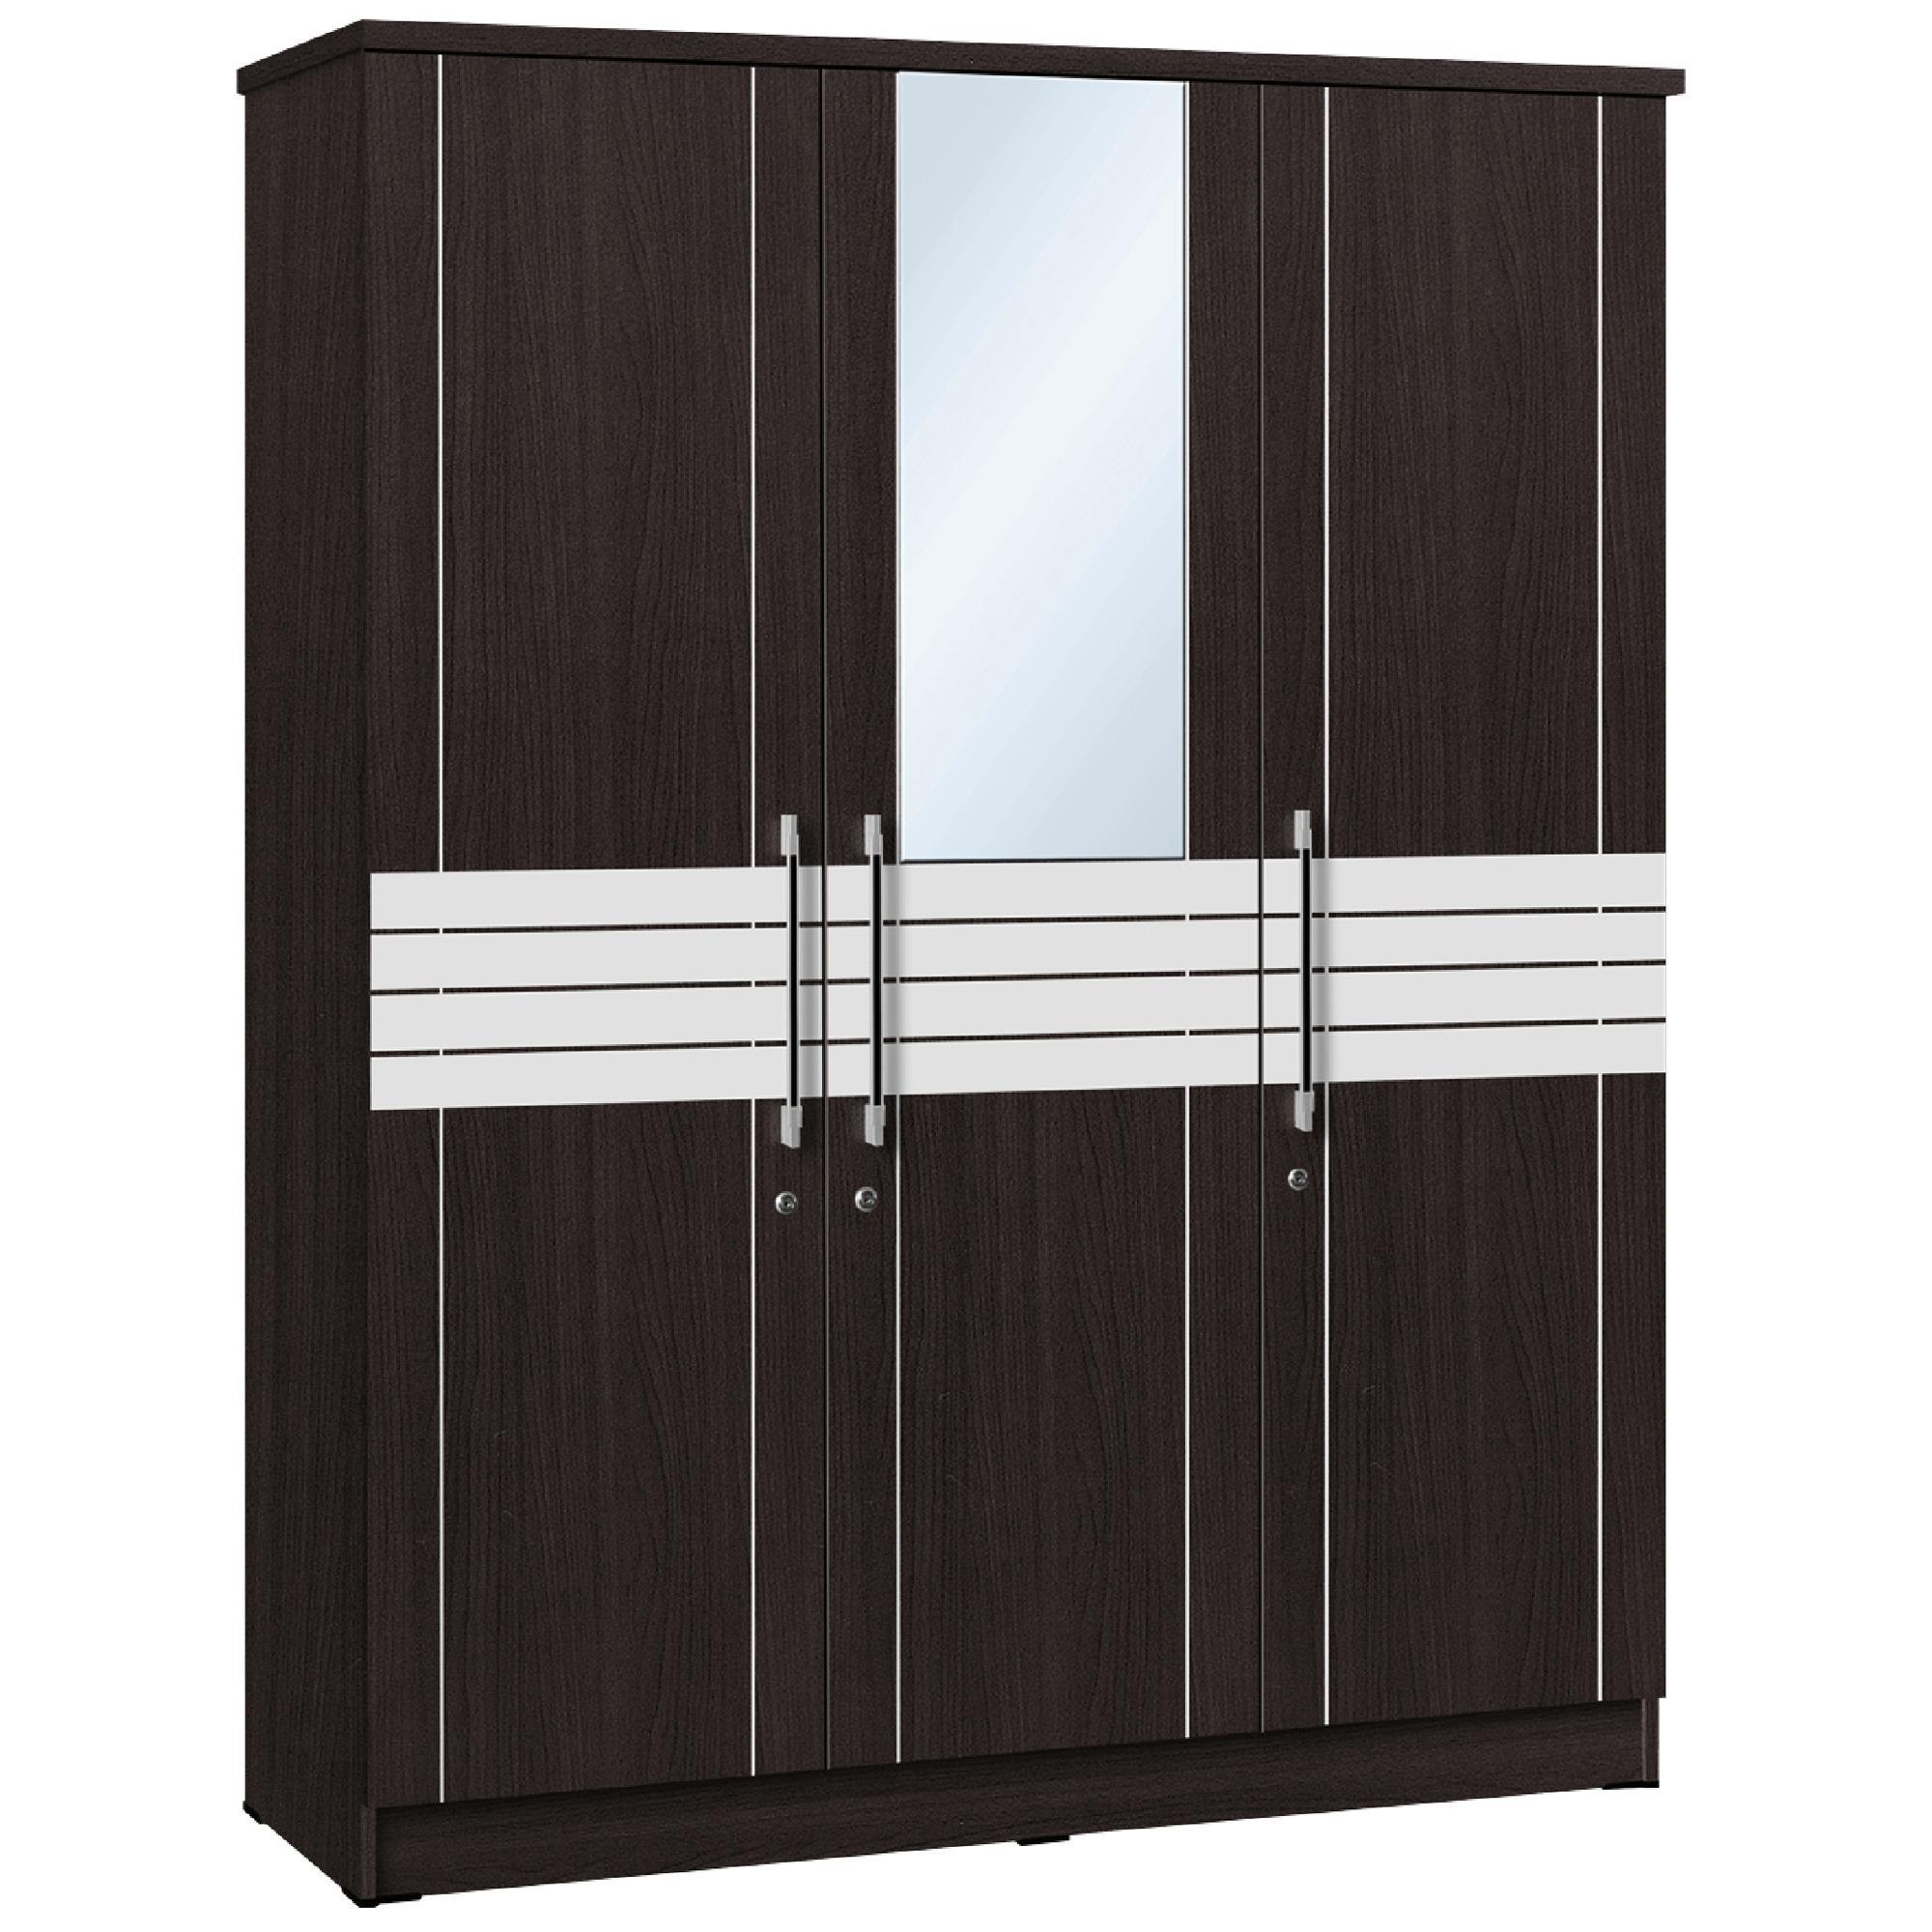 Lemari Pakaian 3 Pintu LPD-031